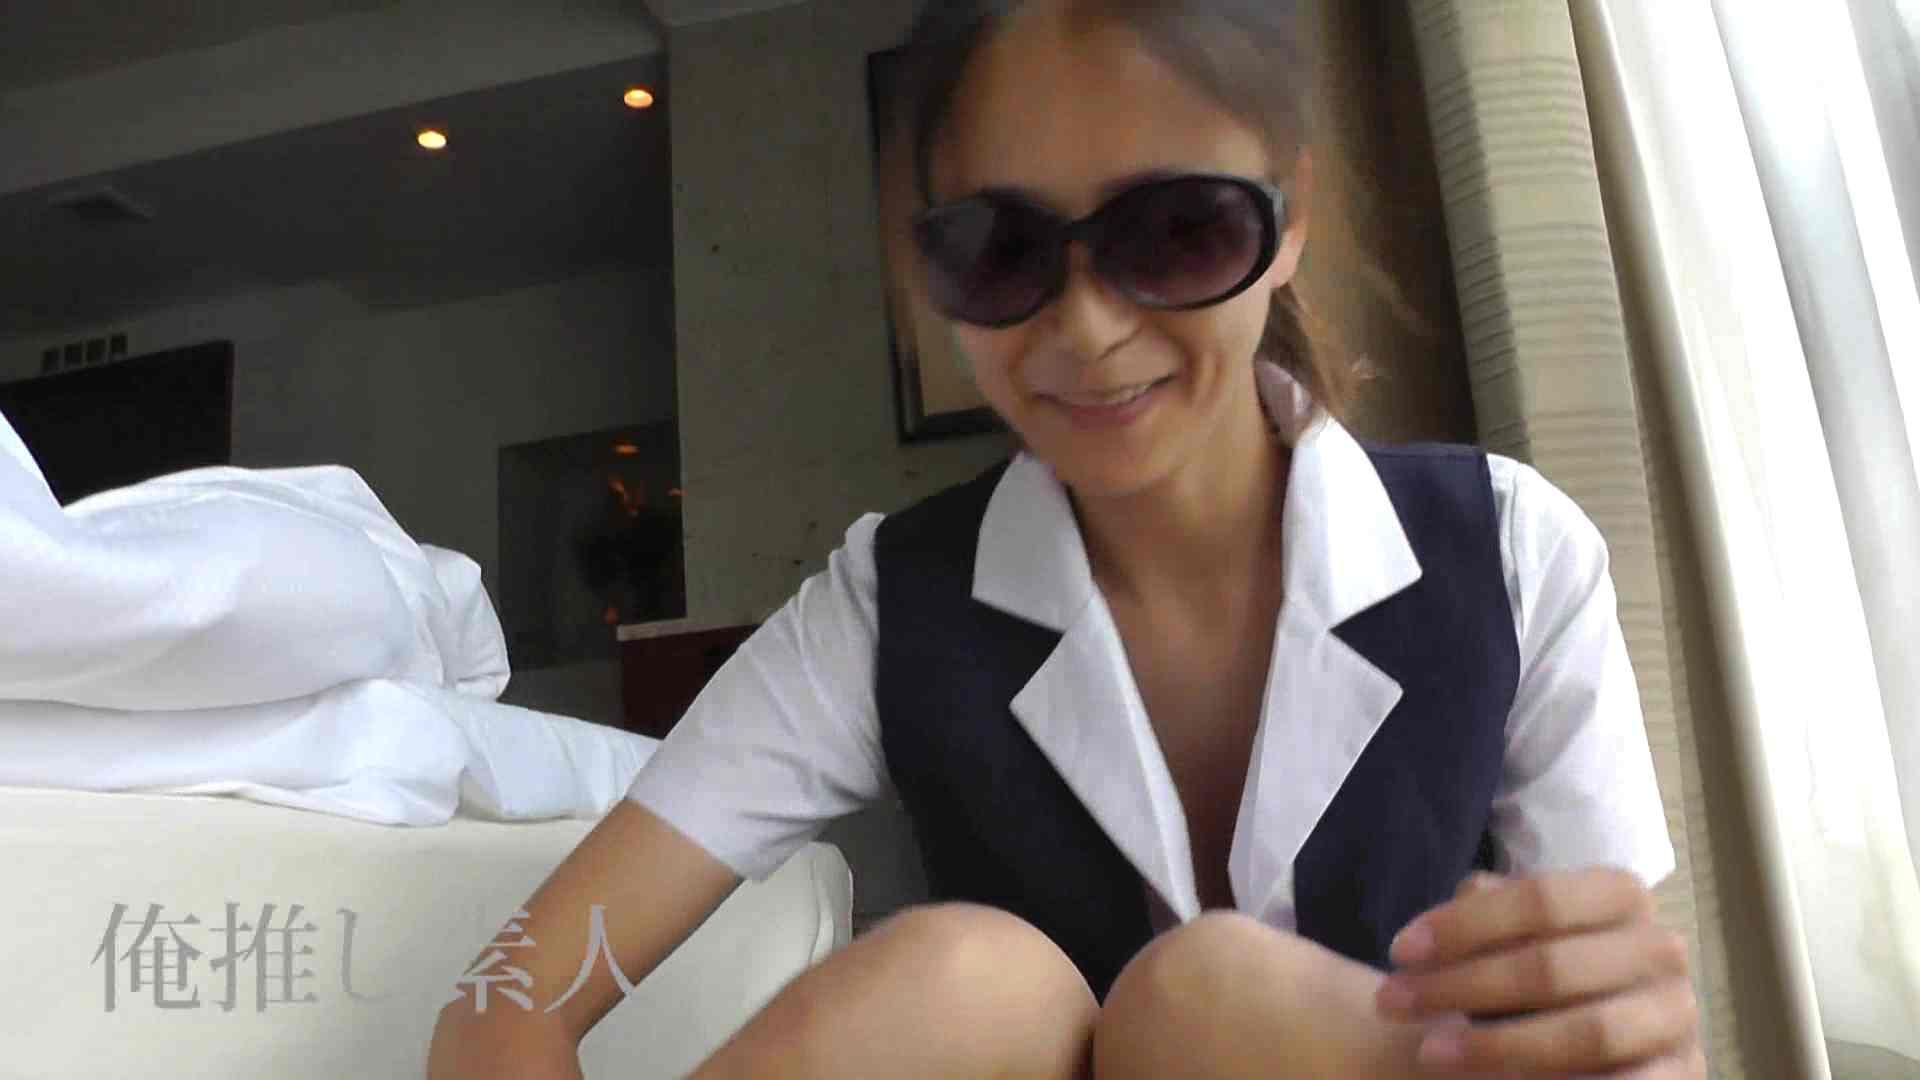 俺推し素人 30代人妻熟女キャバ嬢雫 エッチな熟女 盗み撮り動画 106pic 60